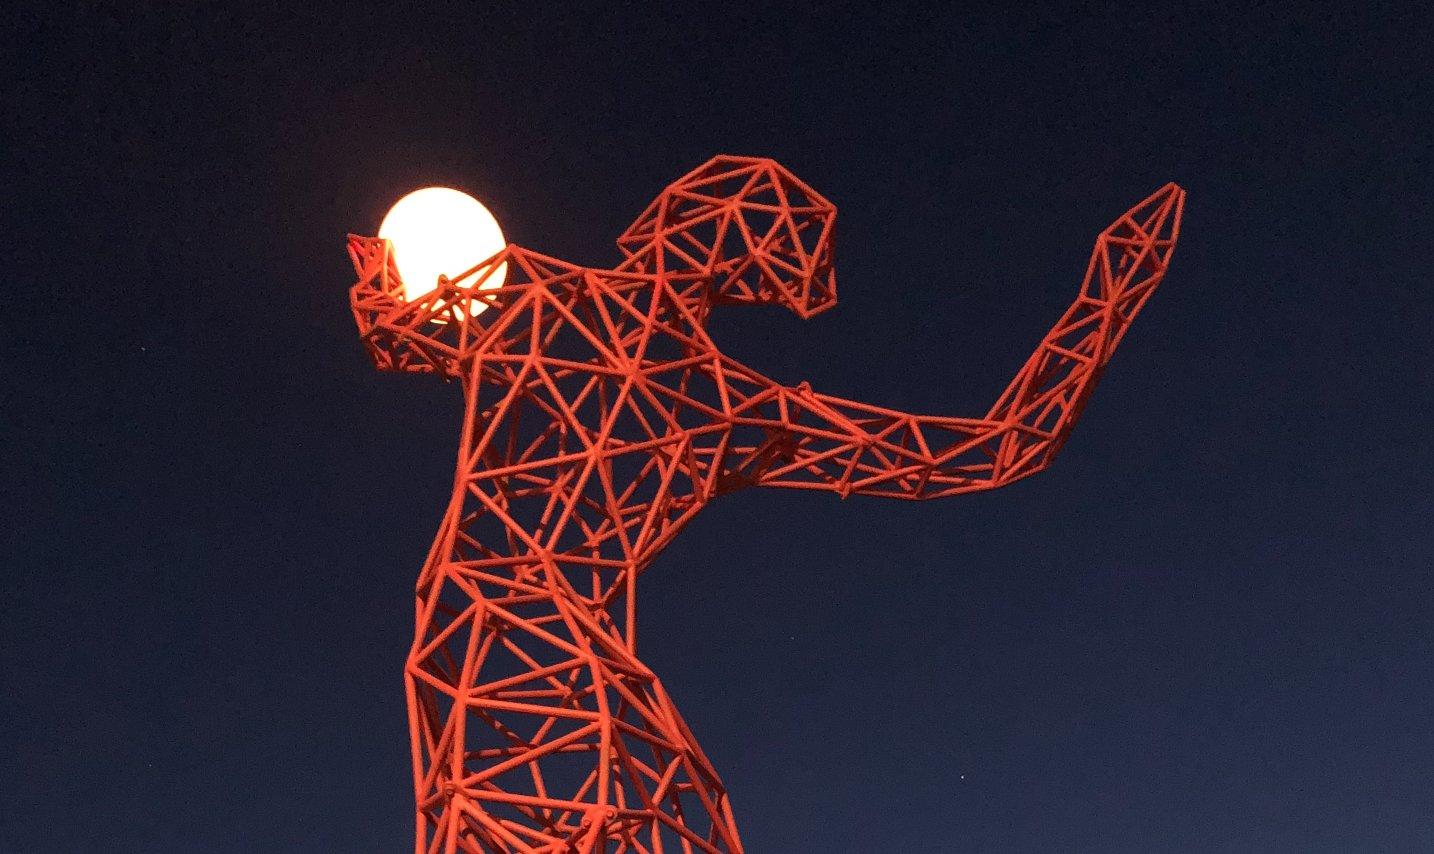 В Киеве появился арт-объект Fire-Girl от автора одной известных фигур Burning Man